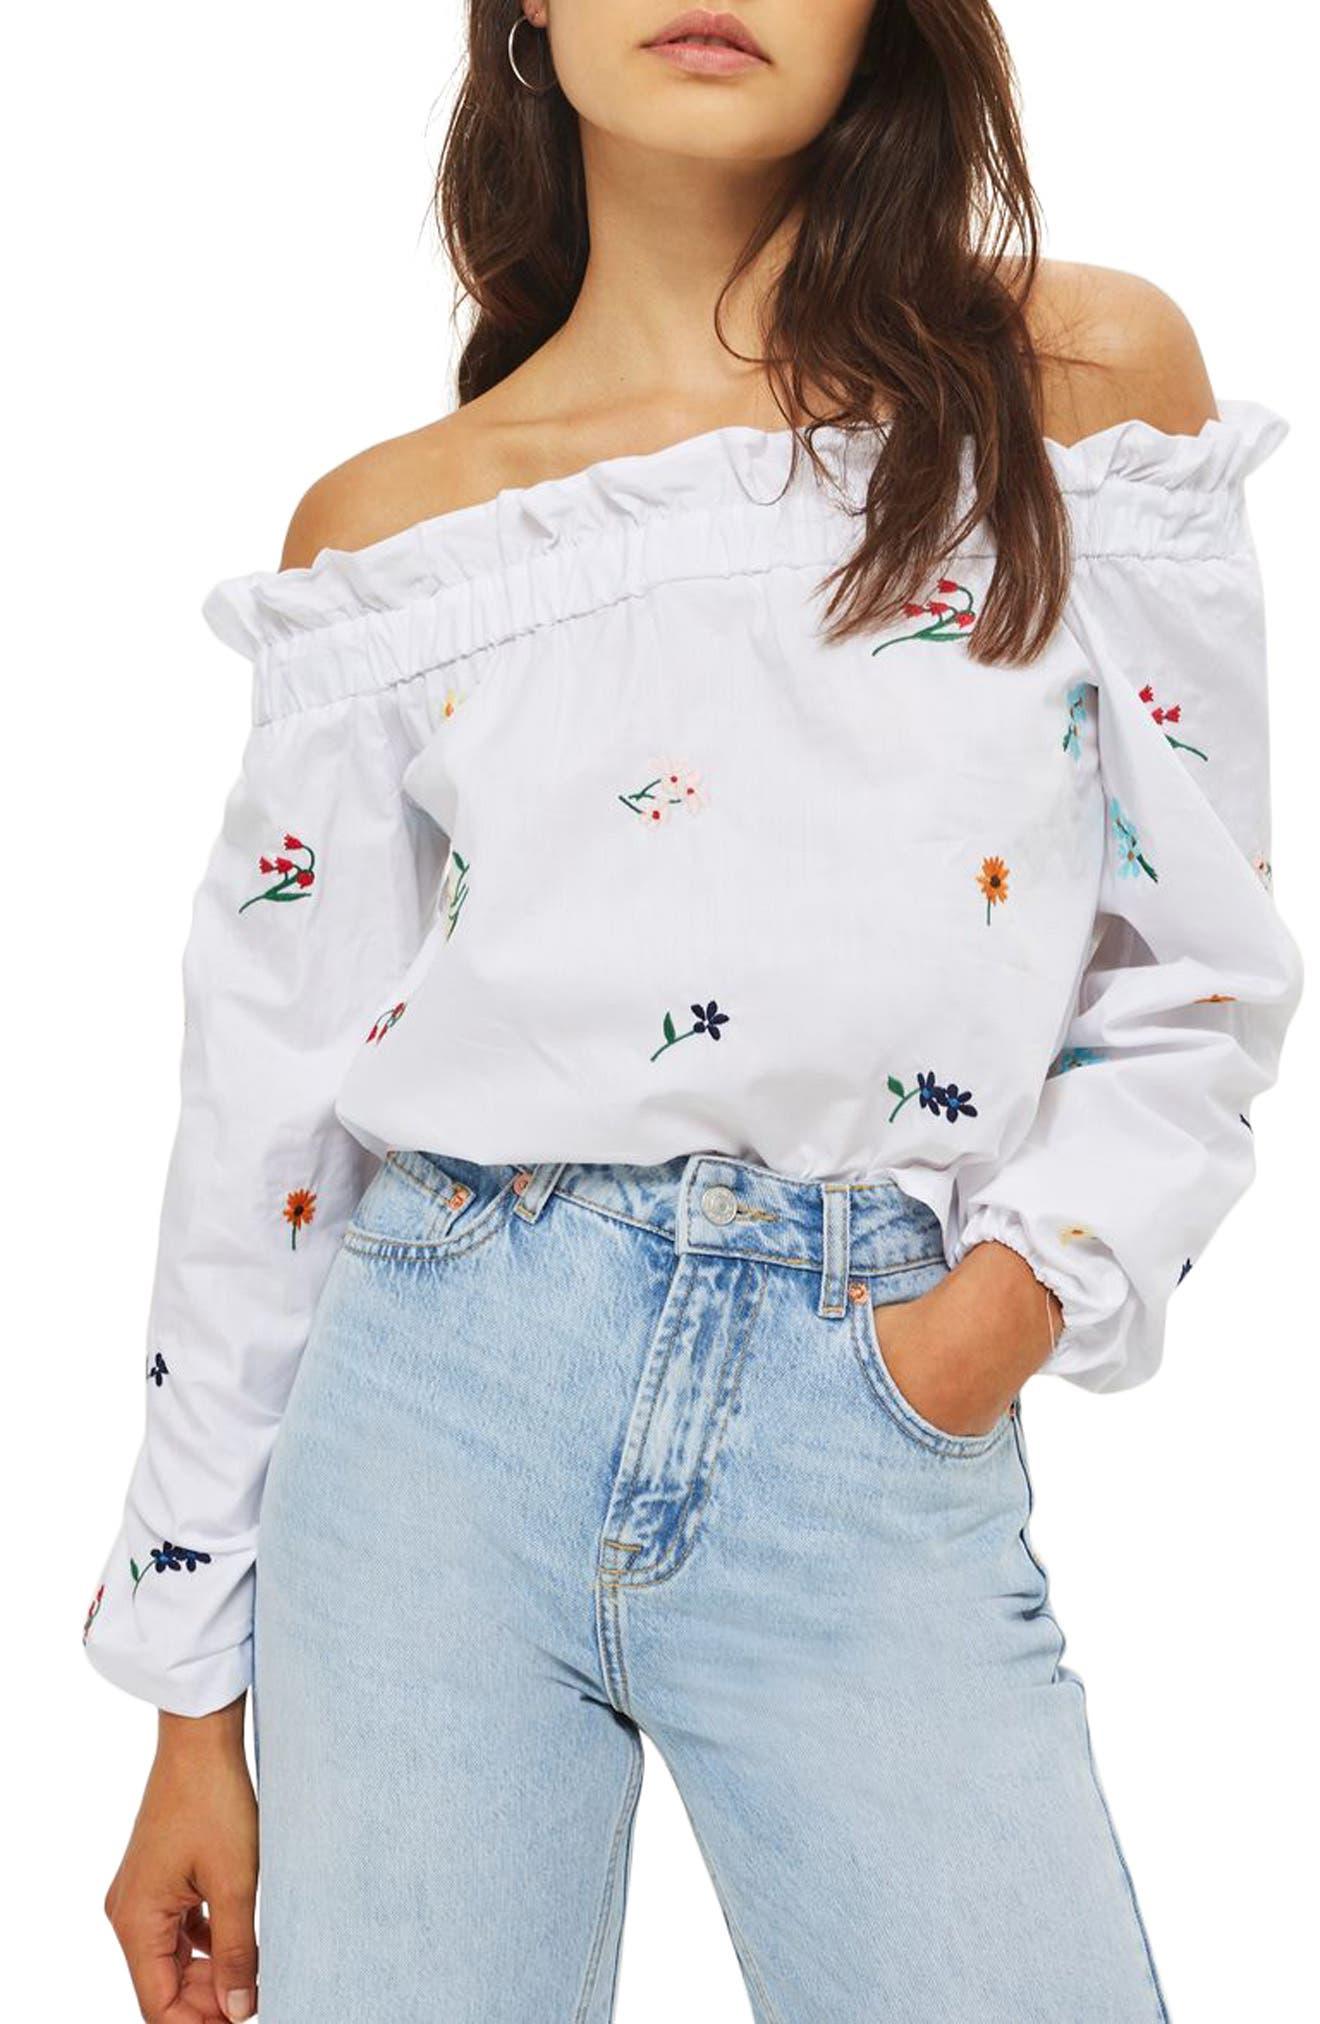 Topshop Embroidered Poplin Off the Shoulder Top